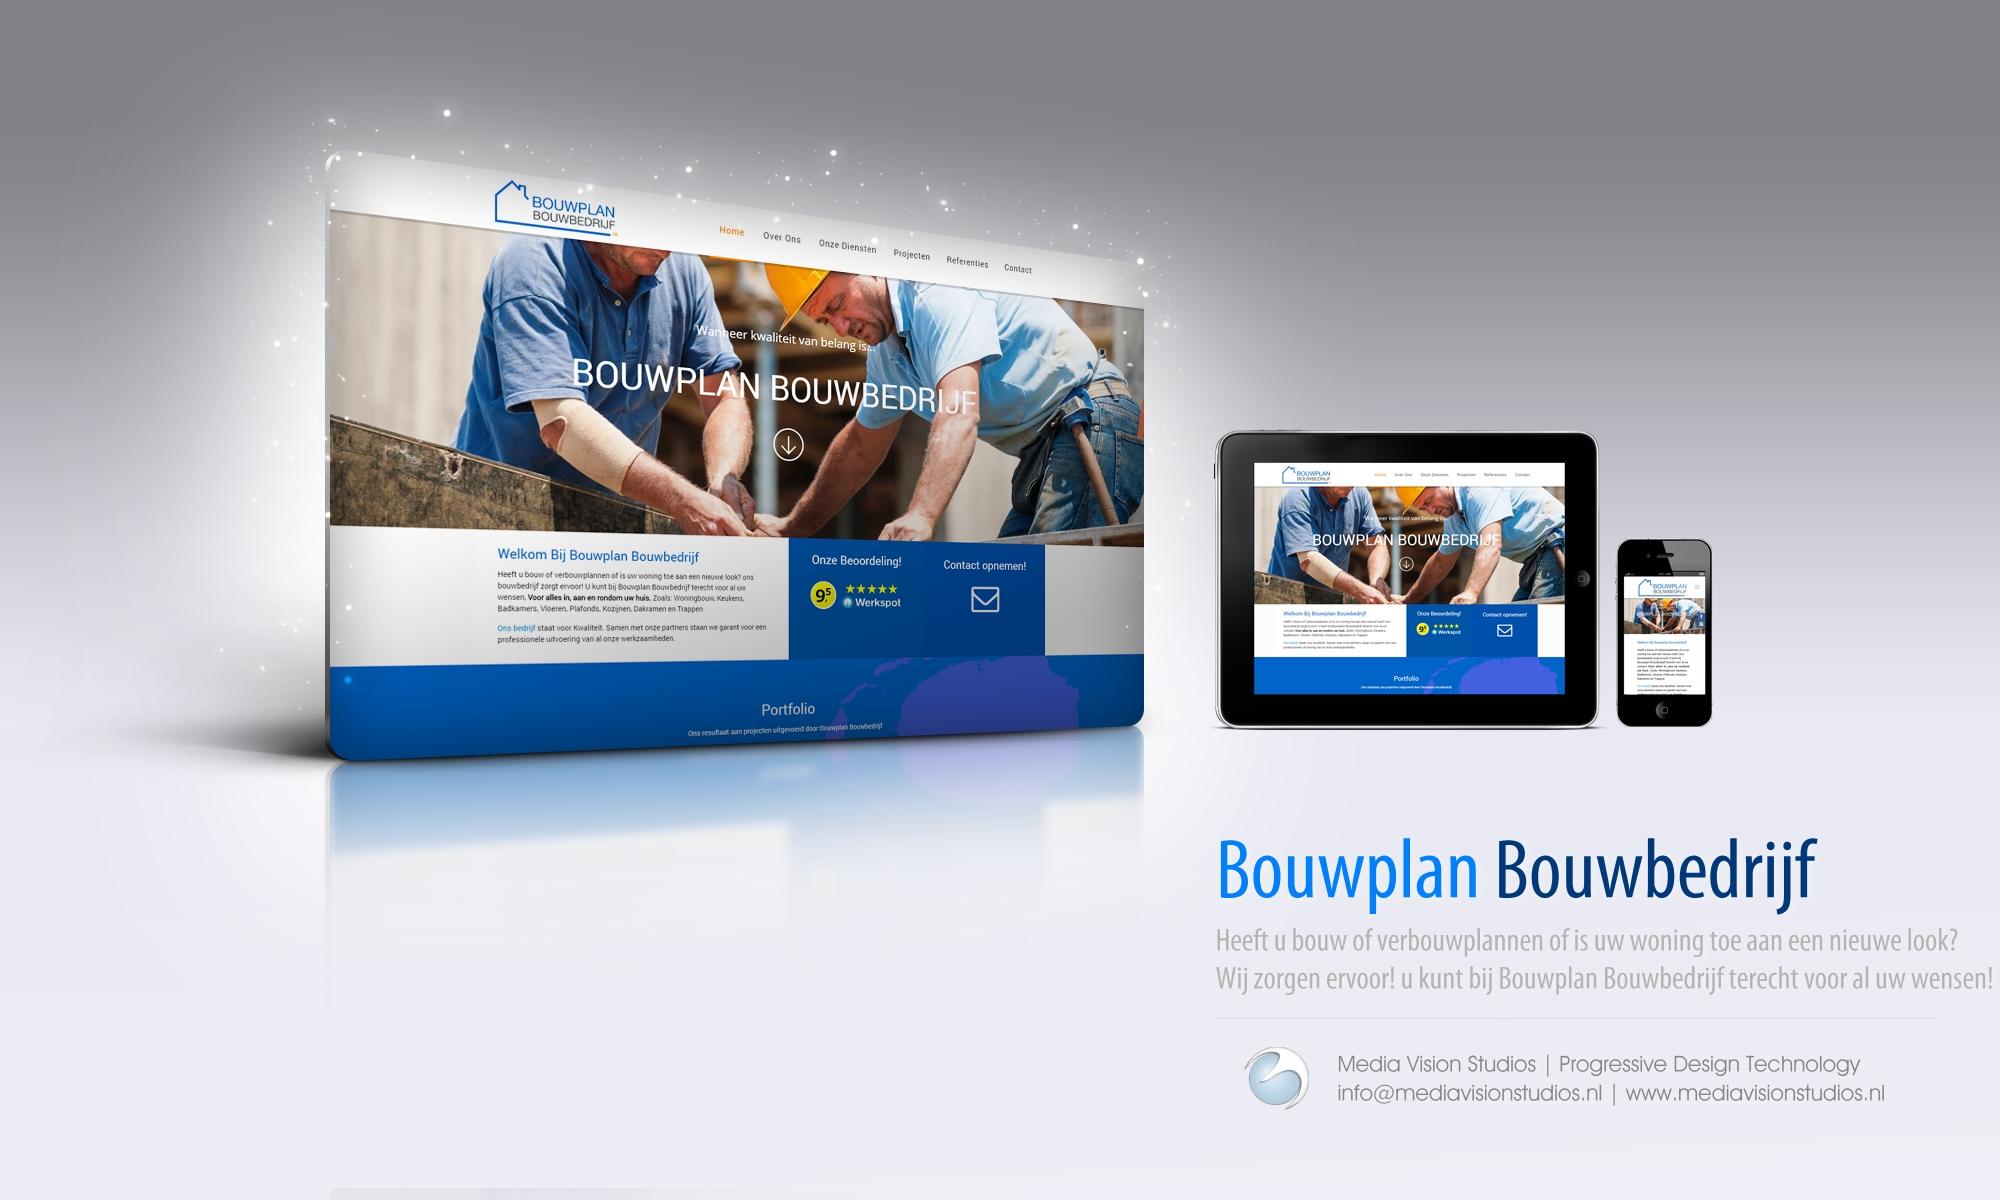 Bouwplan Bouwbedrijf